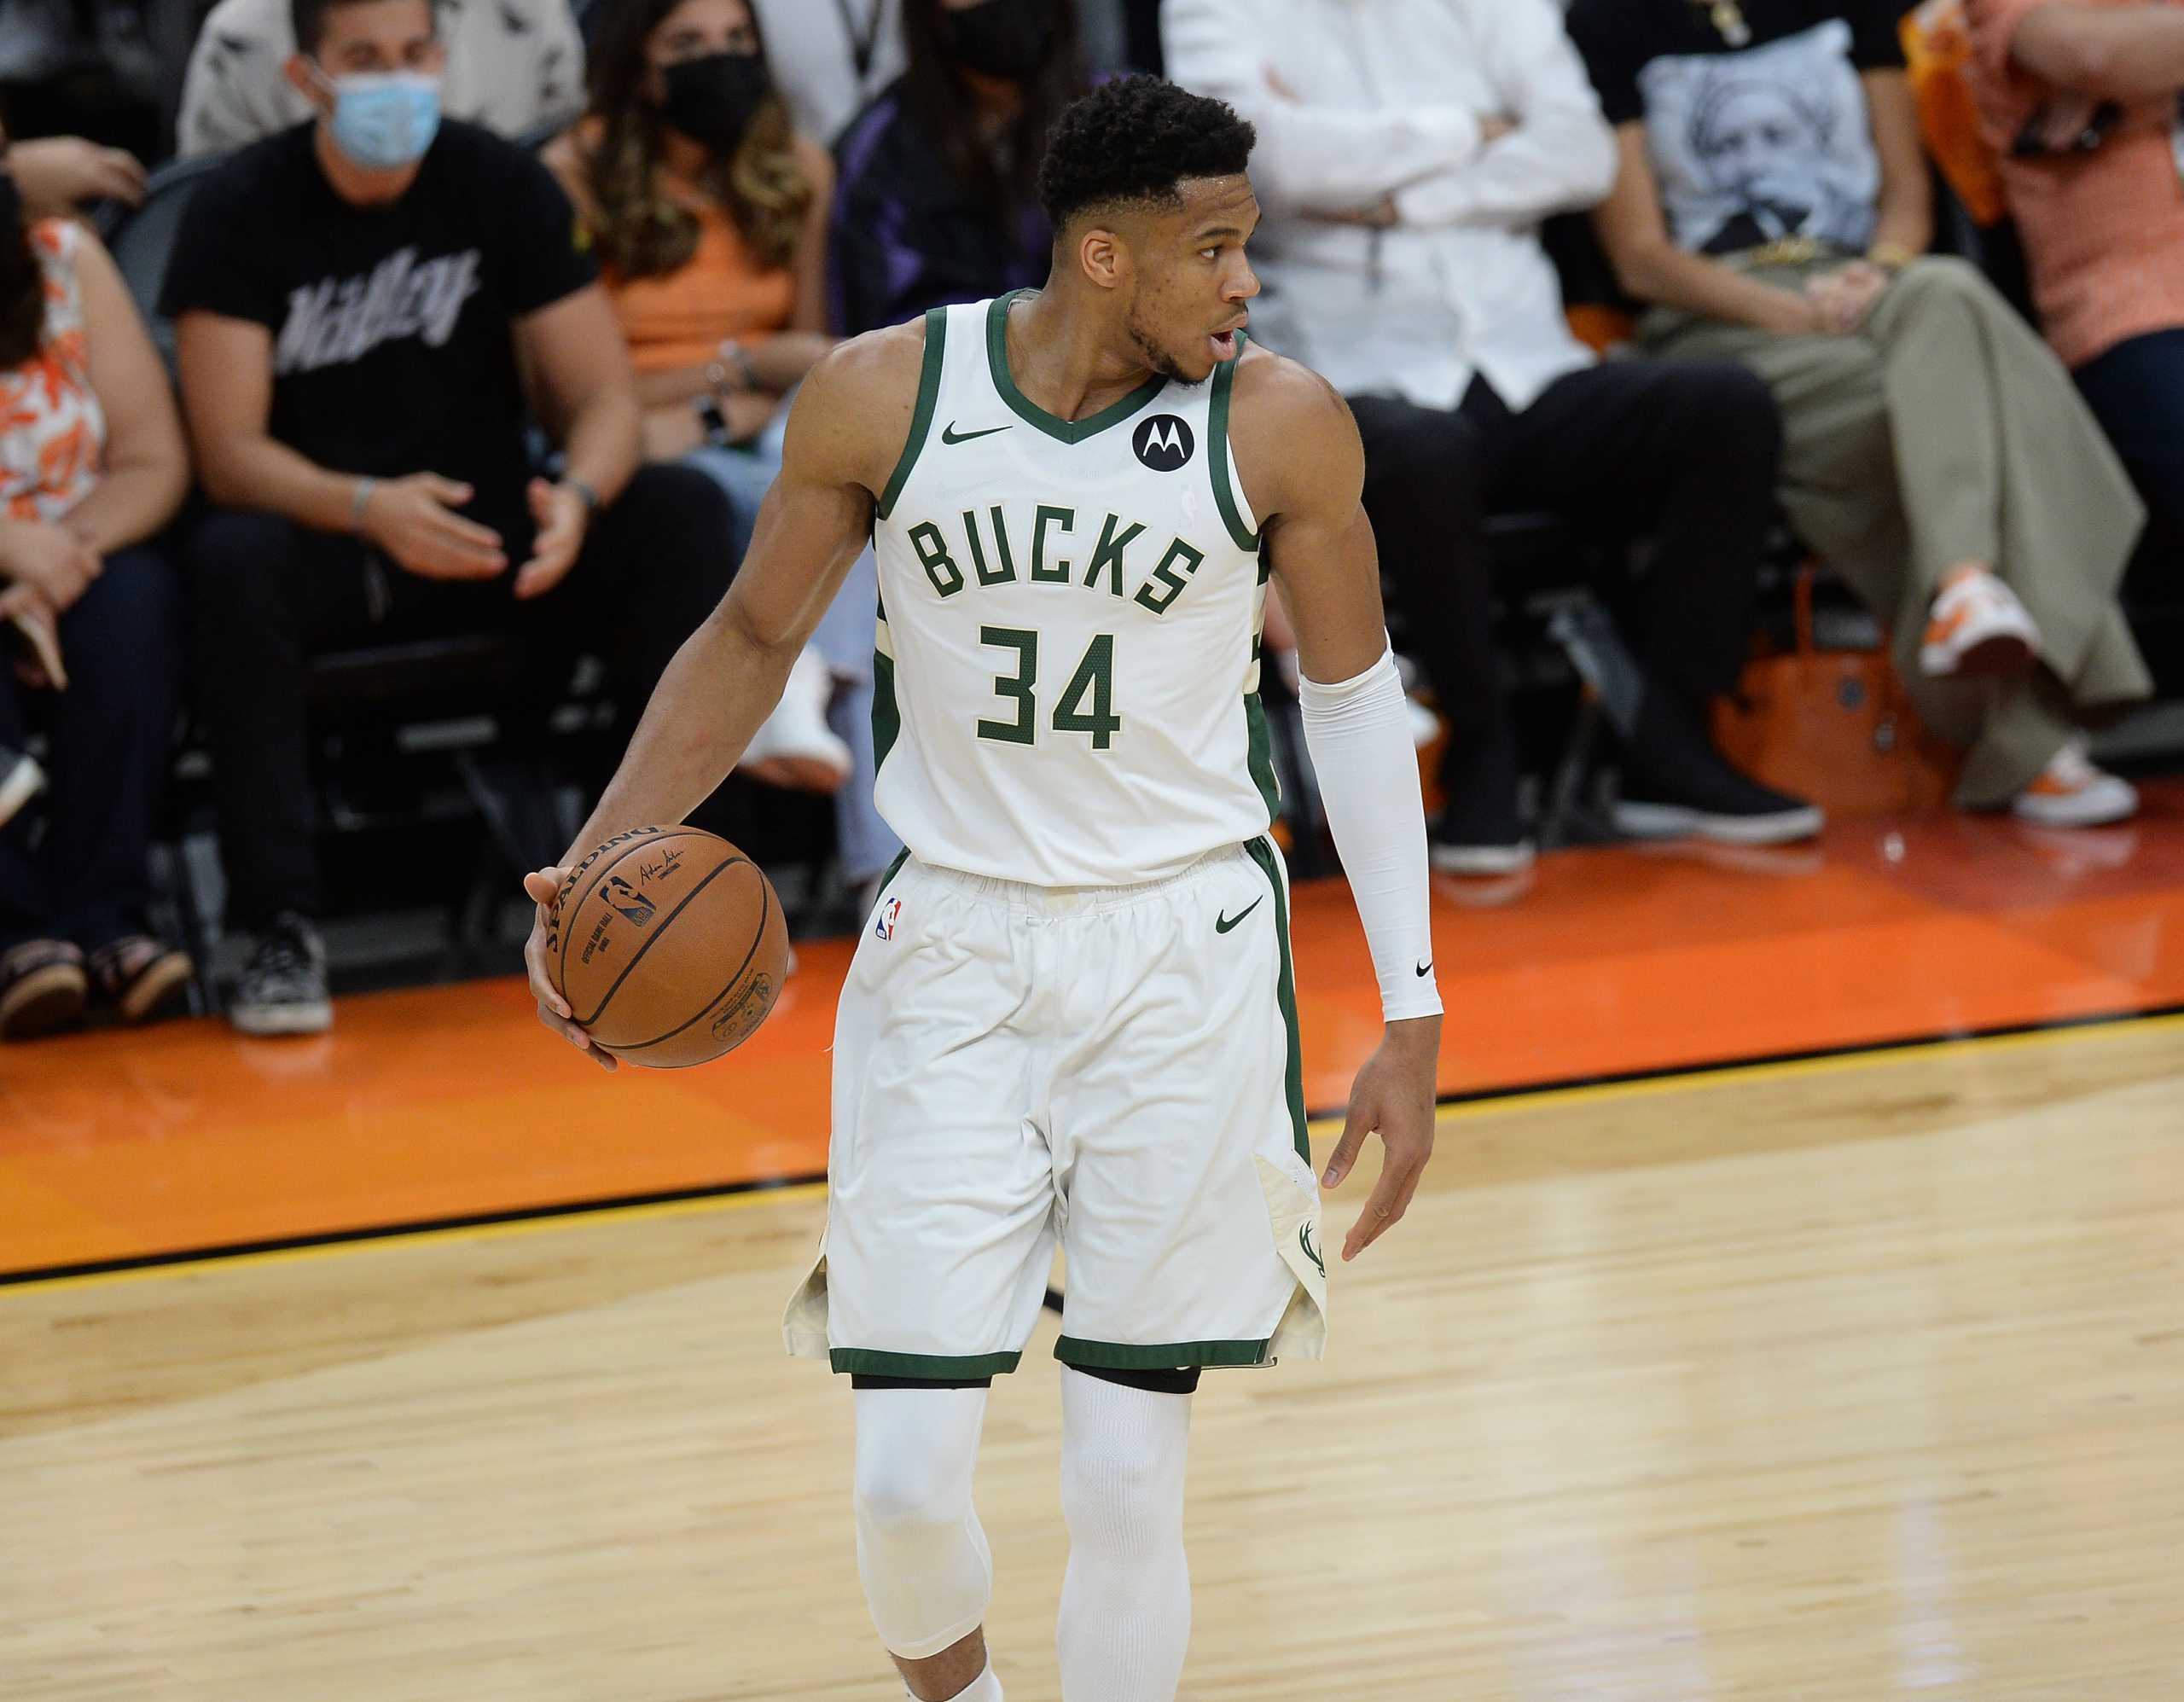 Τελικοί NBA: Αισιόδοξος ο Αντετοκούνμπο δήλωσε ότι «το έχουμε ξανακάνει στην έδρα μας»